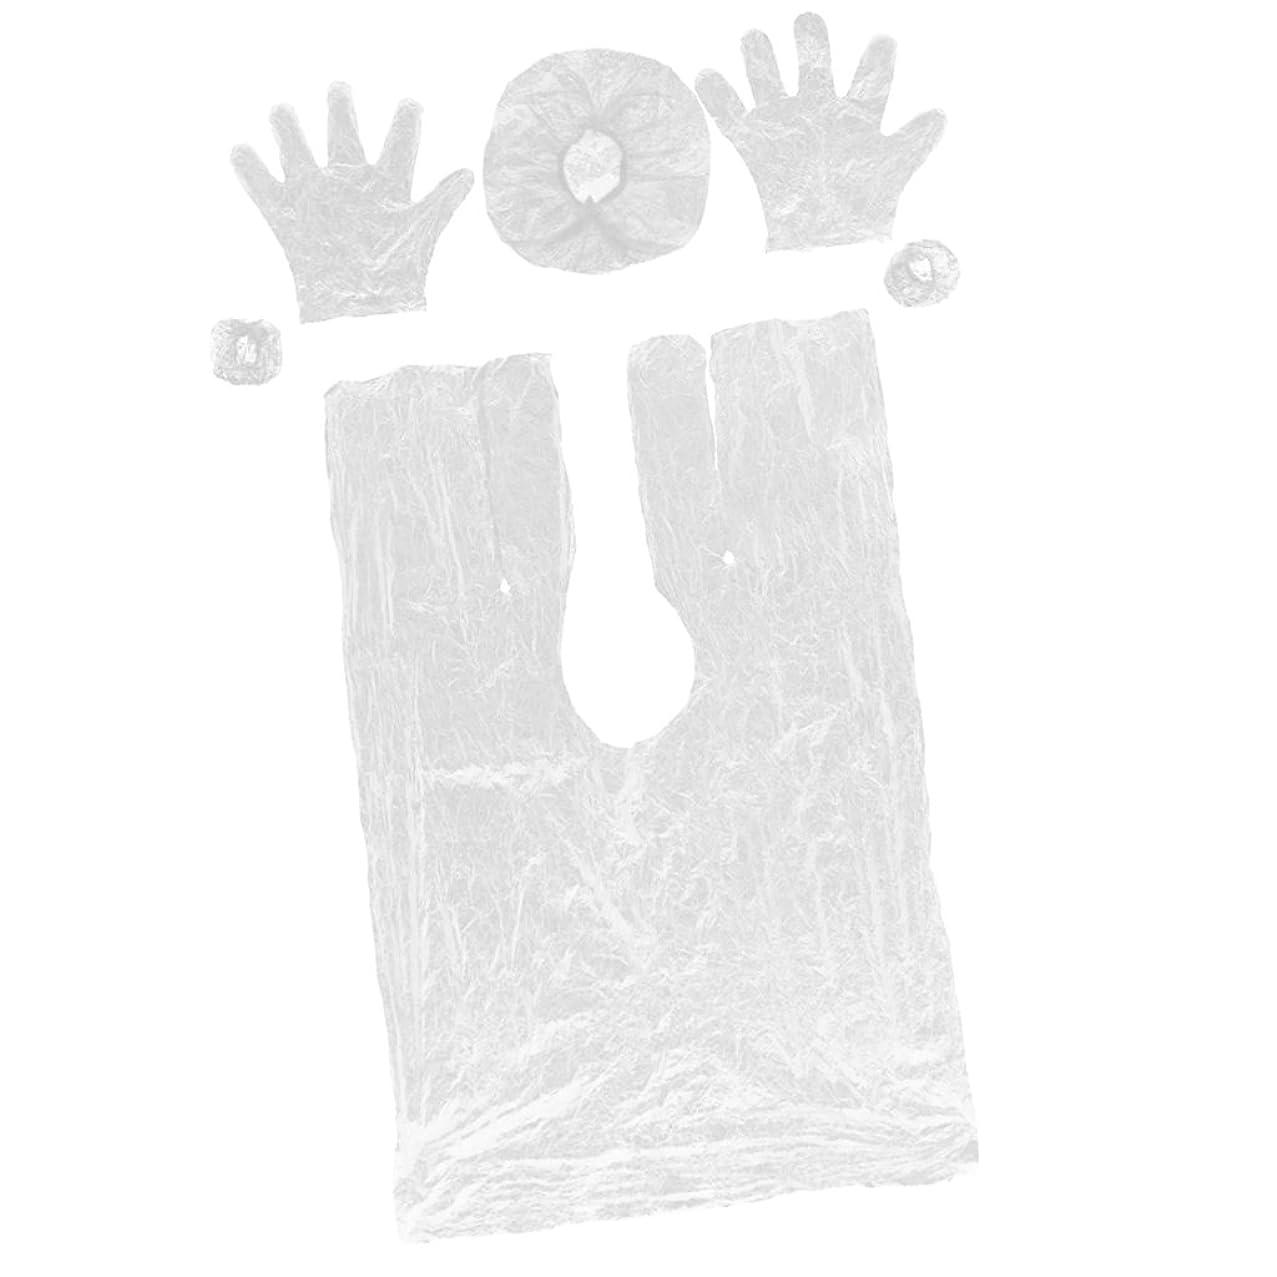 邪悪な後ろ、背後、背面(部耐えるPerfk 使い捨て ヘアケア サロン プロ 自宅用 弾性キャップ サロンケープ  手袋 耳栓 プラスチック製